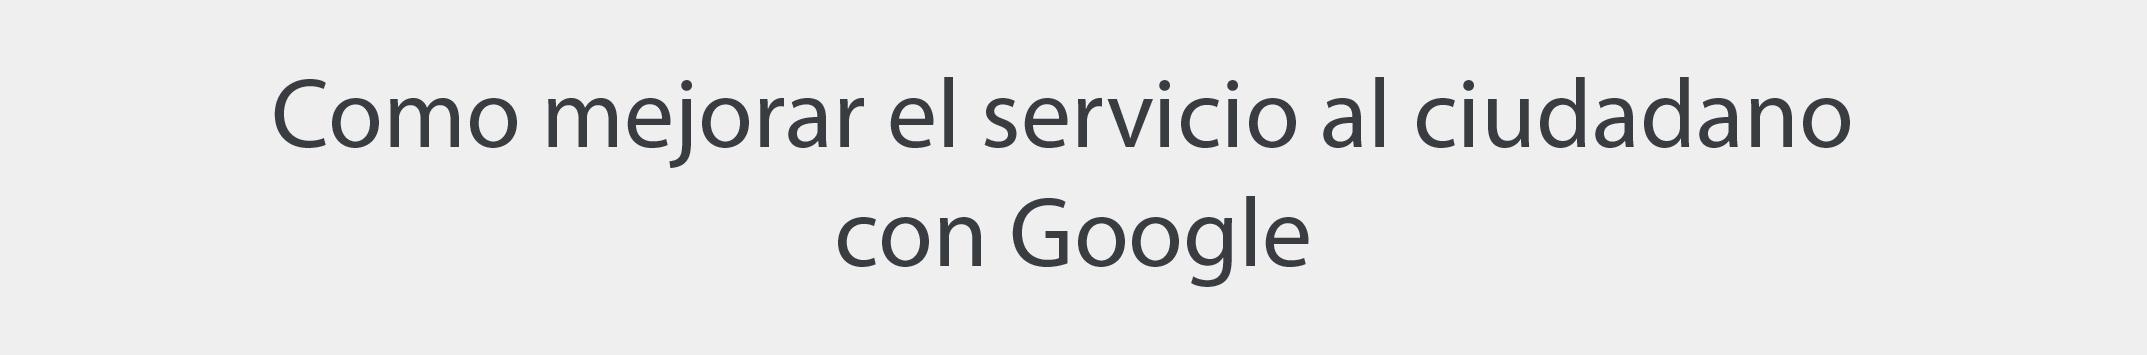 Servicio al ciudadano con Google